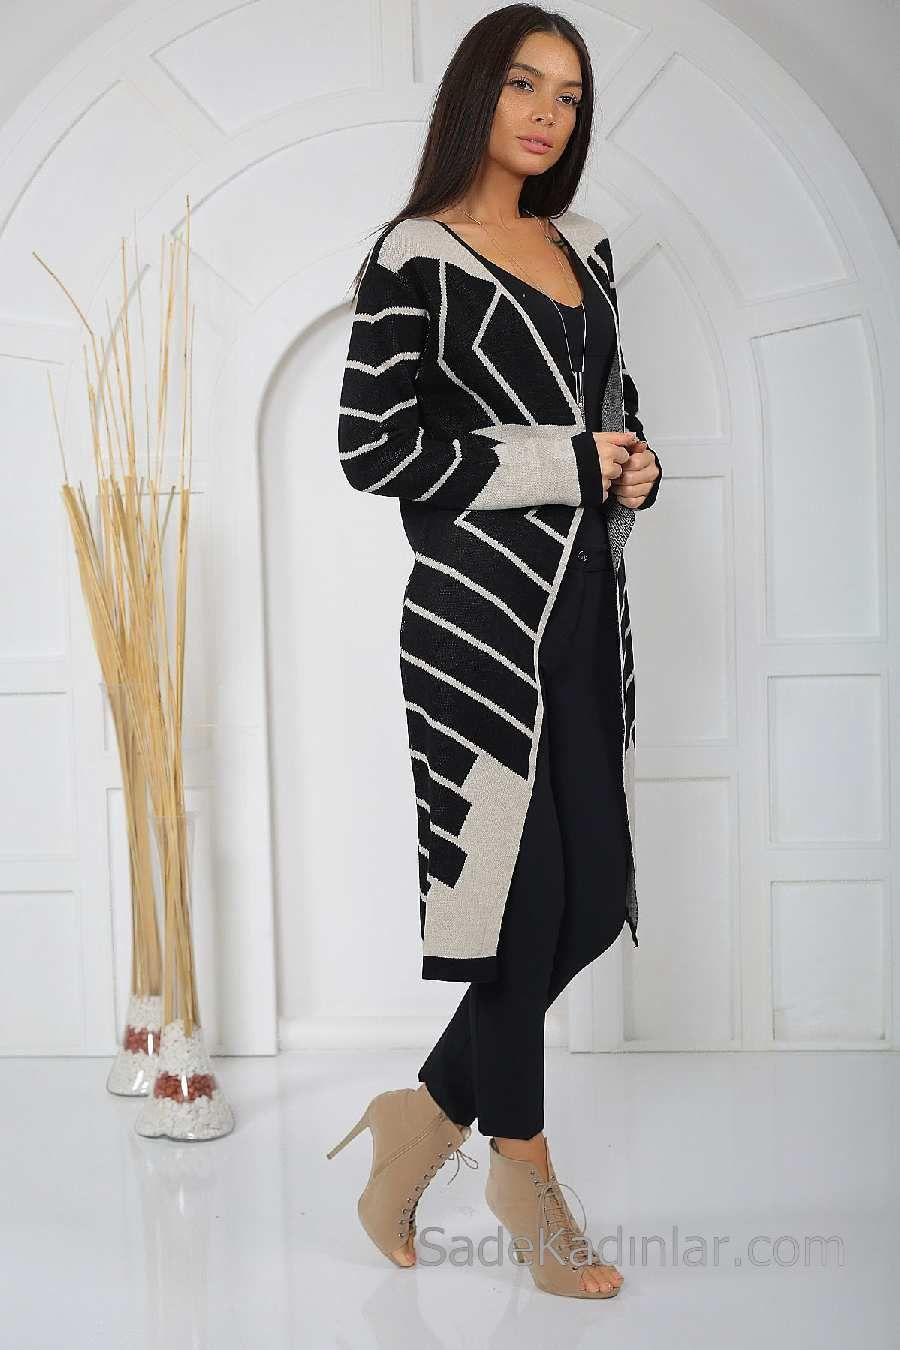 2019 Uzun Hirka Modelleri Siyah Uzun Geometrik Desenli Moda Siyah Hirkalar